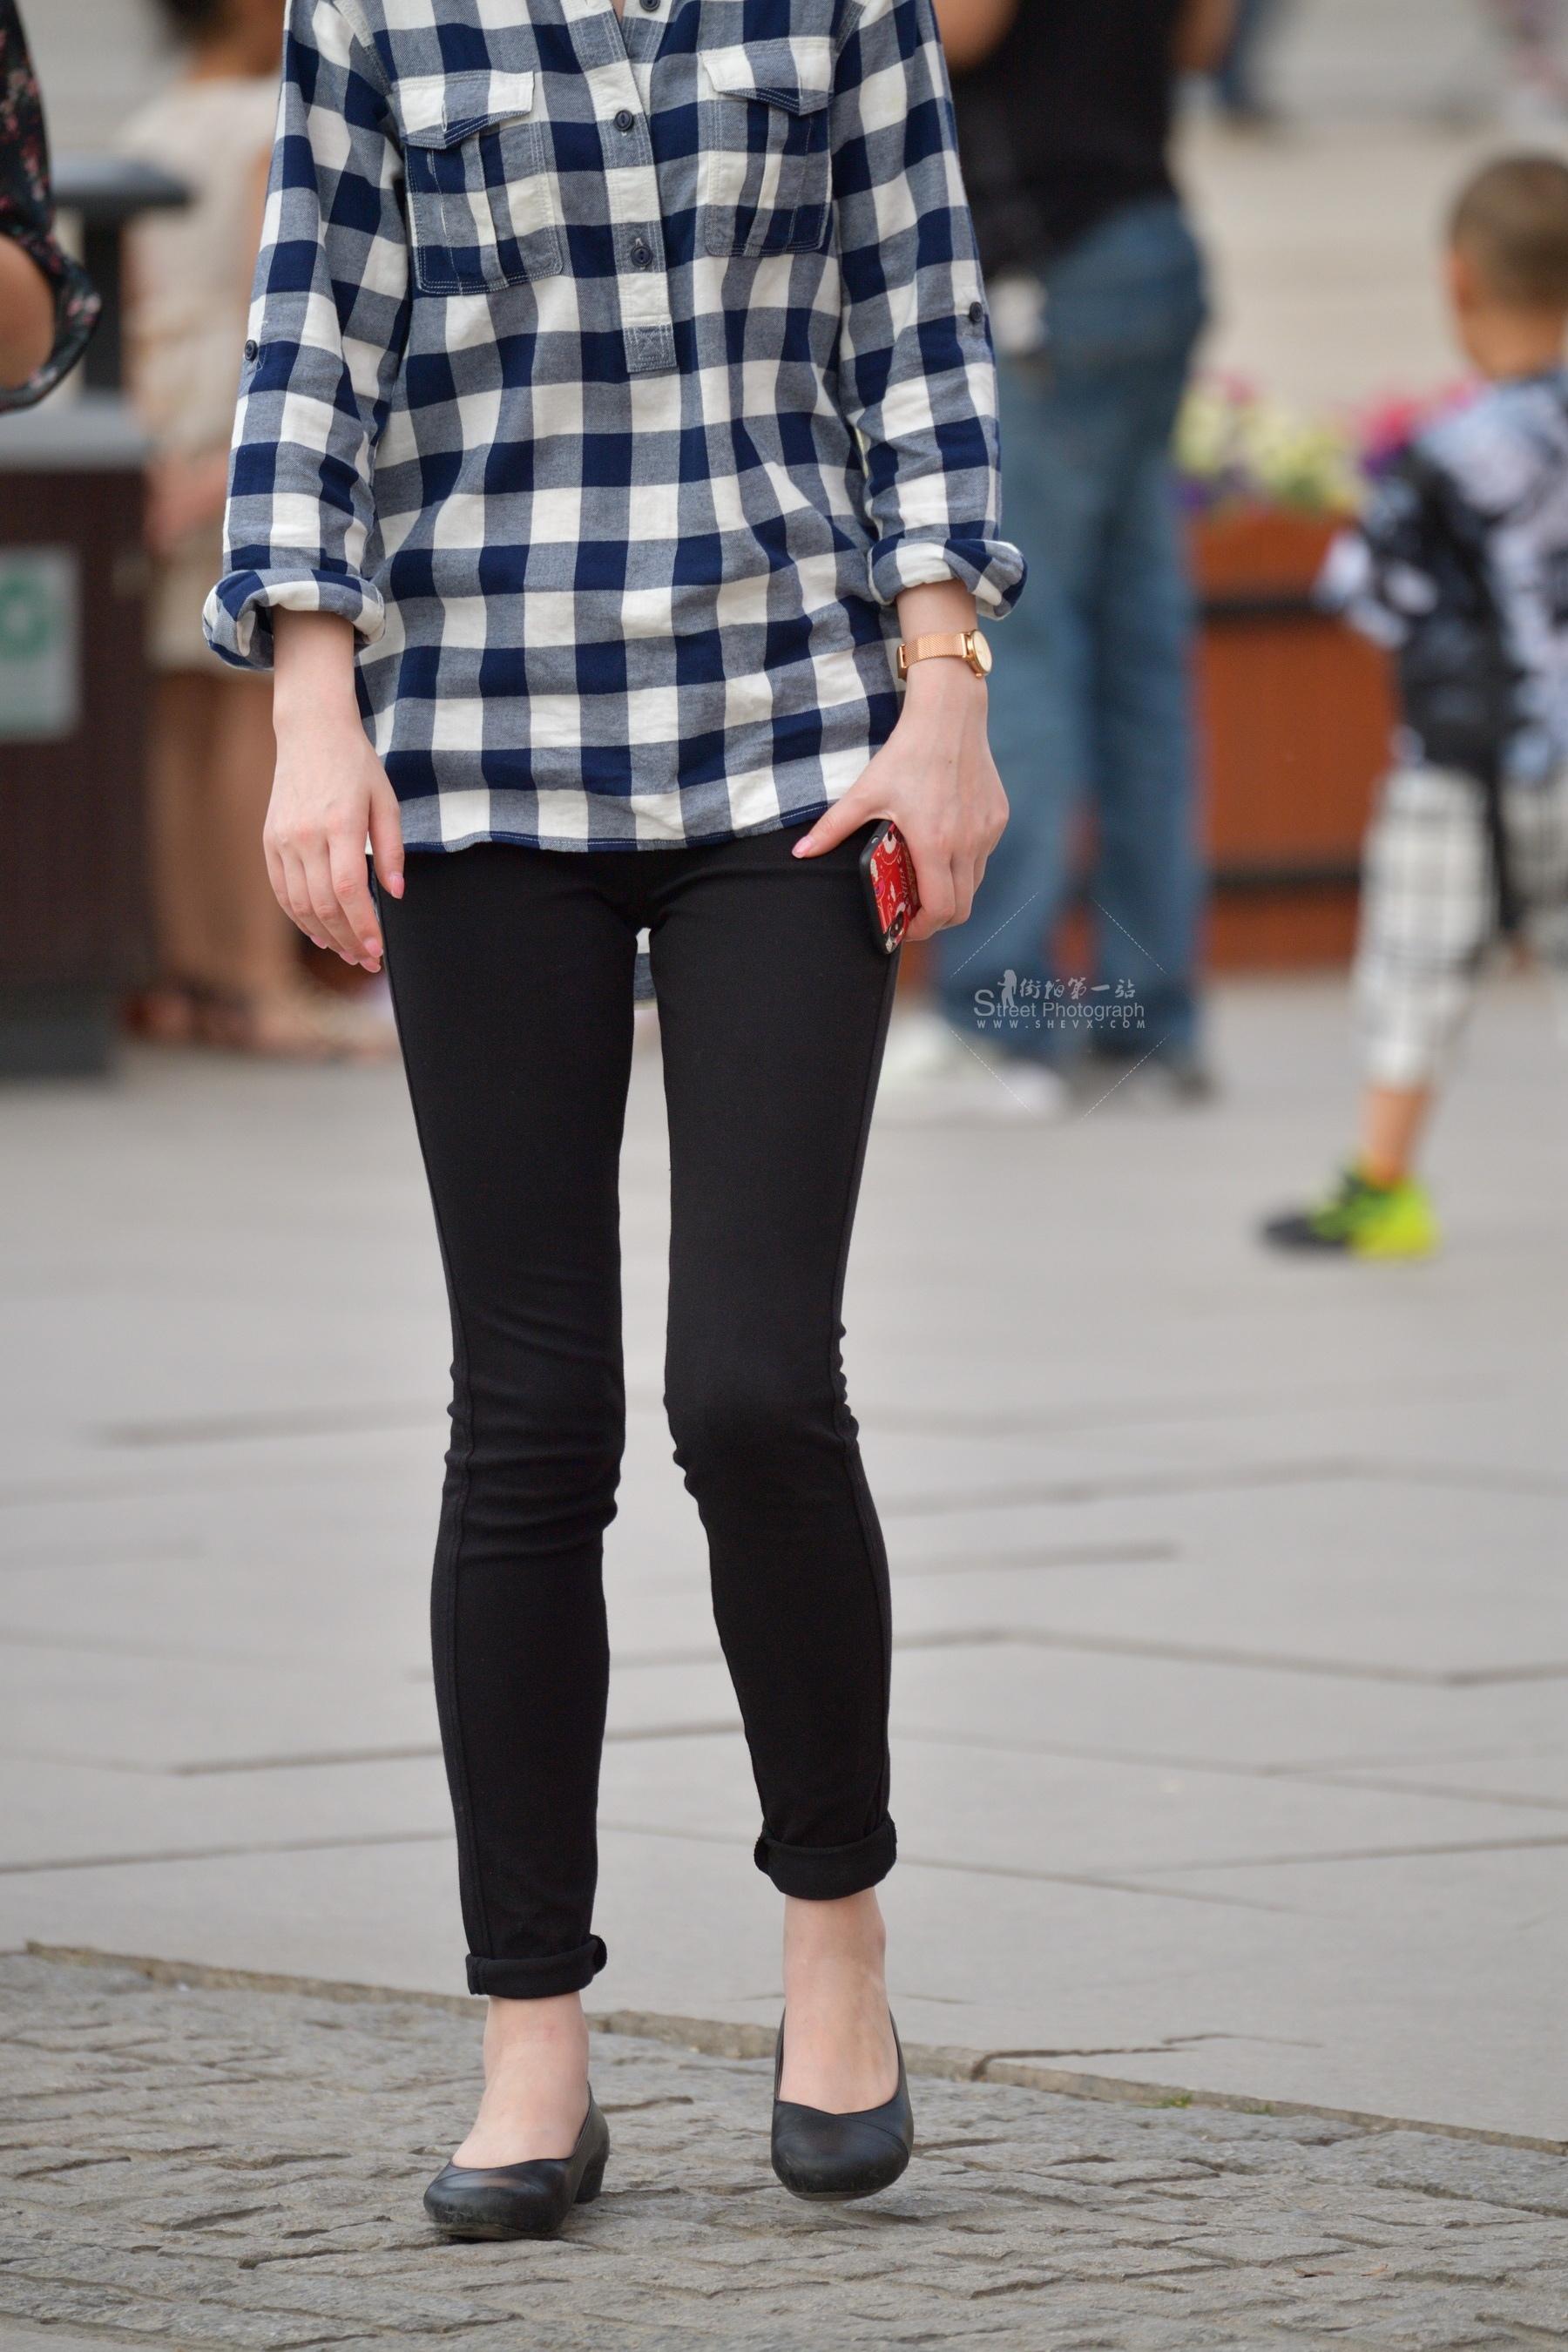 短发黑裤格子衫 街拍美女图片发布 街拍丝袜第一站